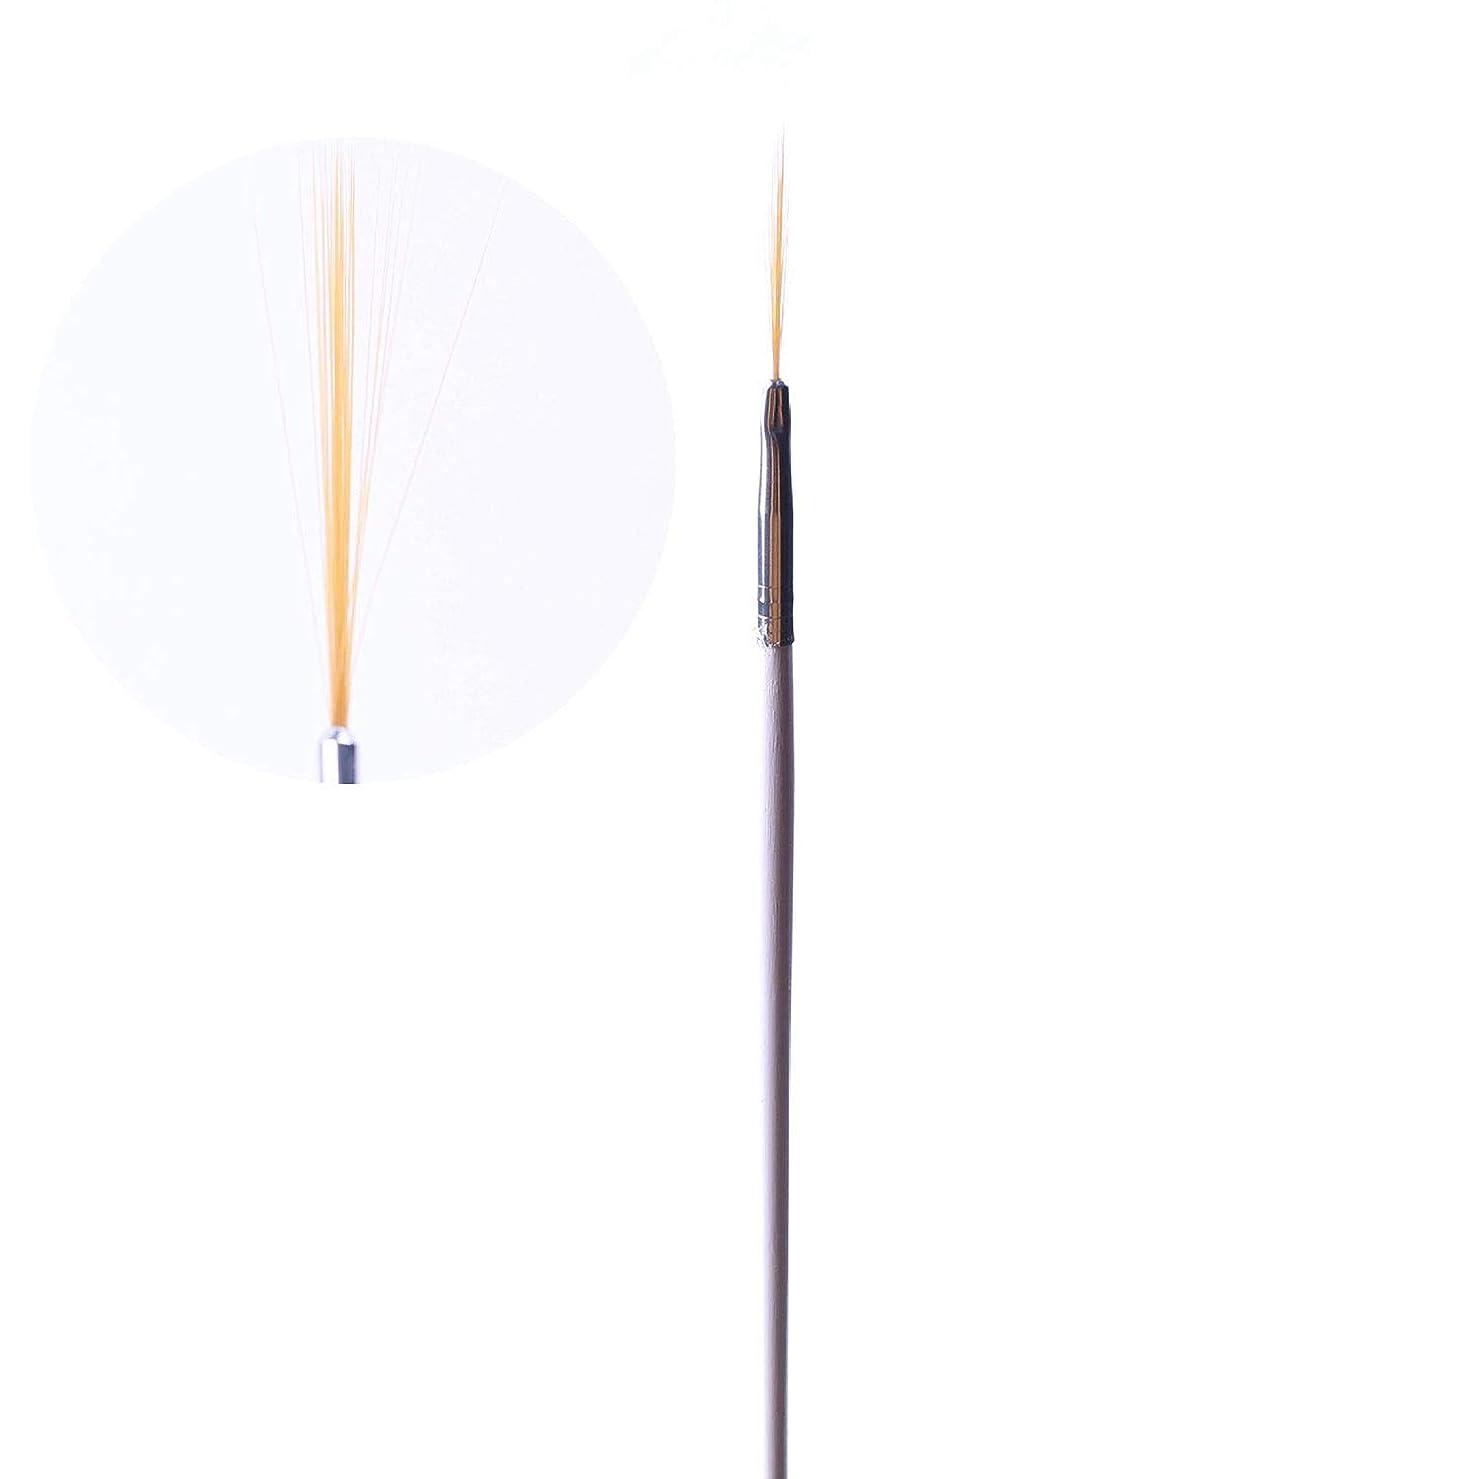 壮大牽引上下するSemoic ネイルアート用の15個のネイルブラシと5個のダブルドットツールペンセット